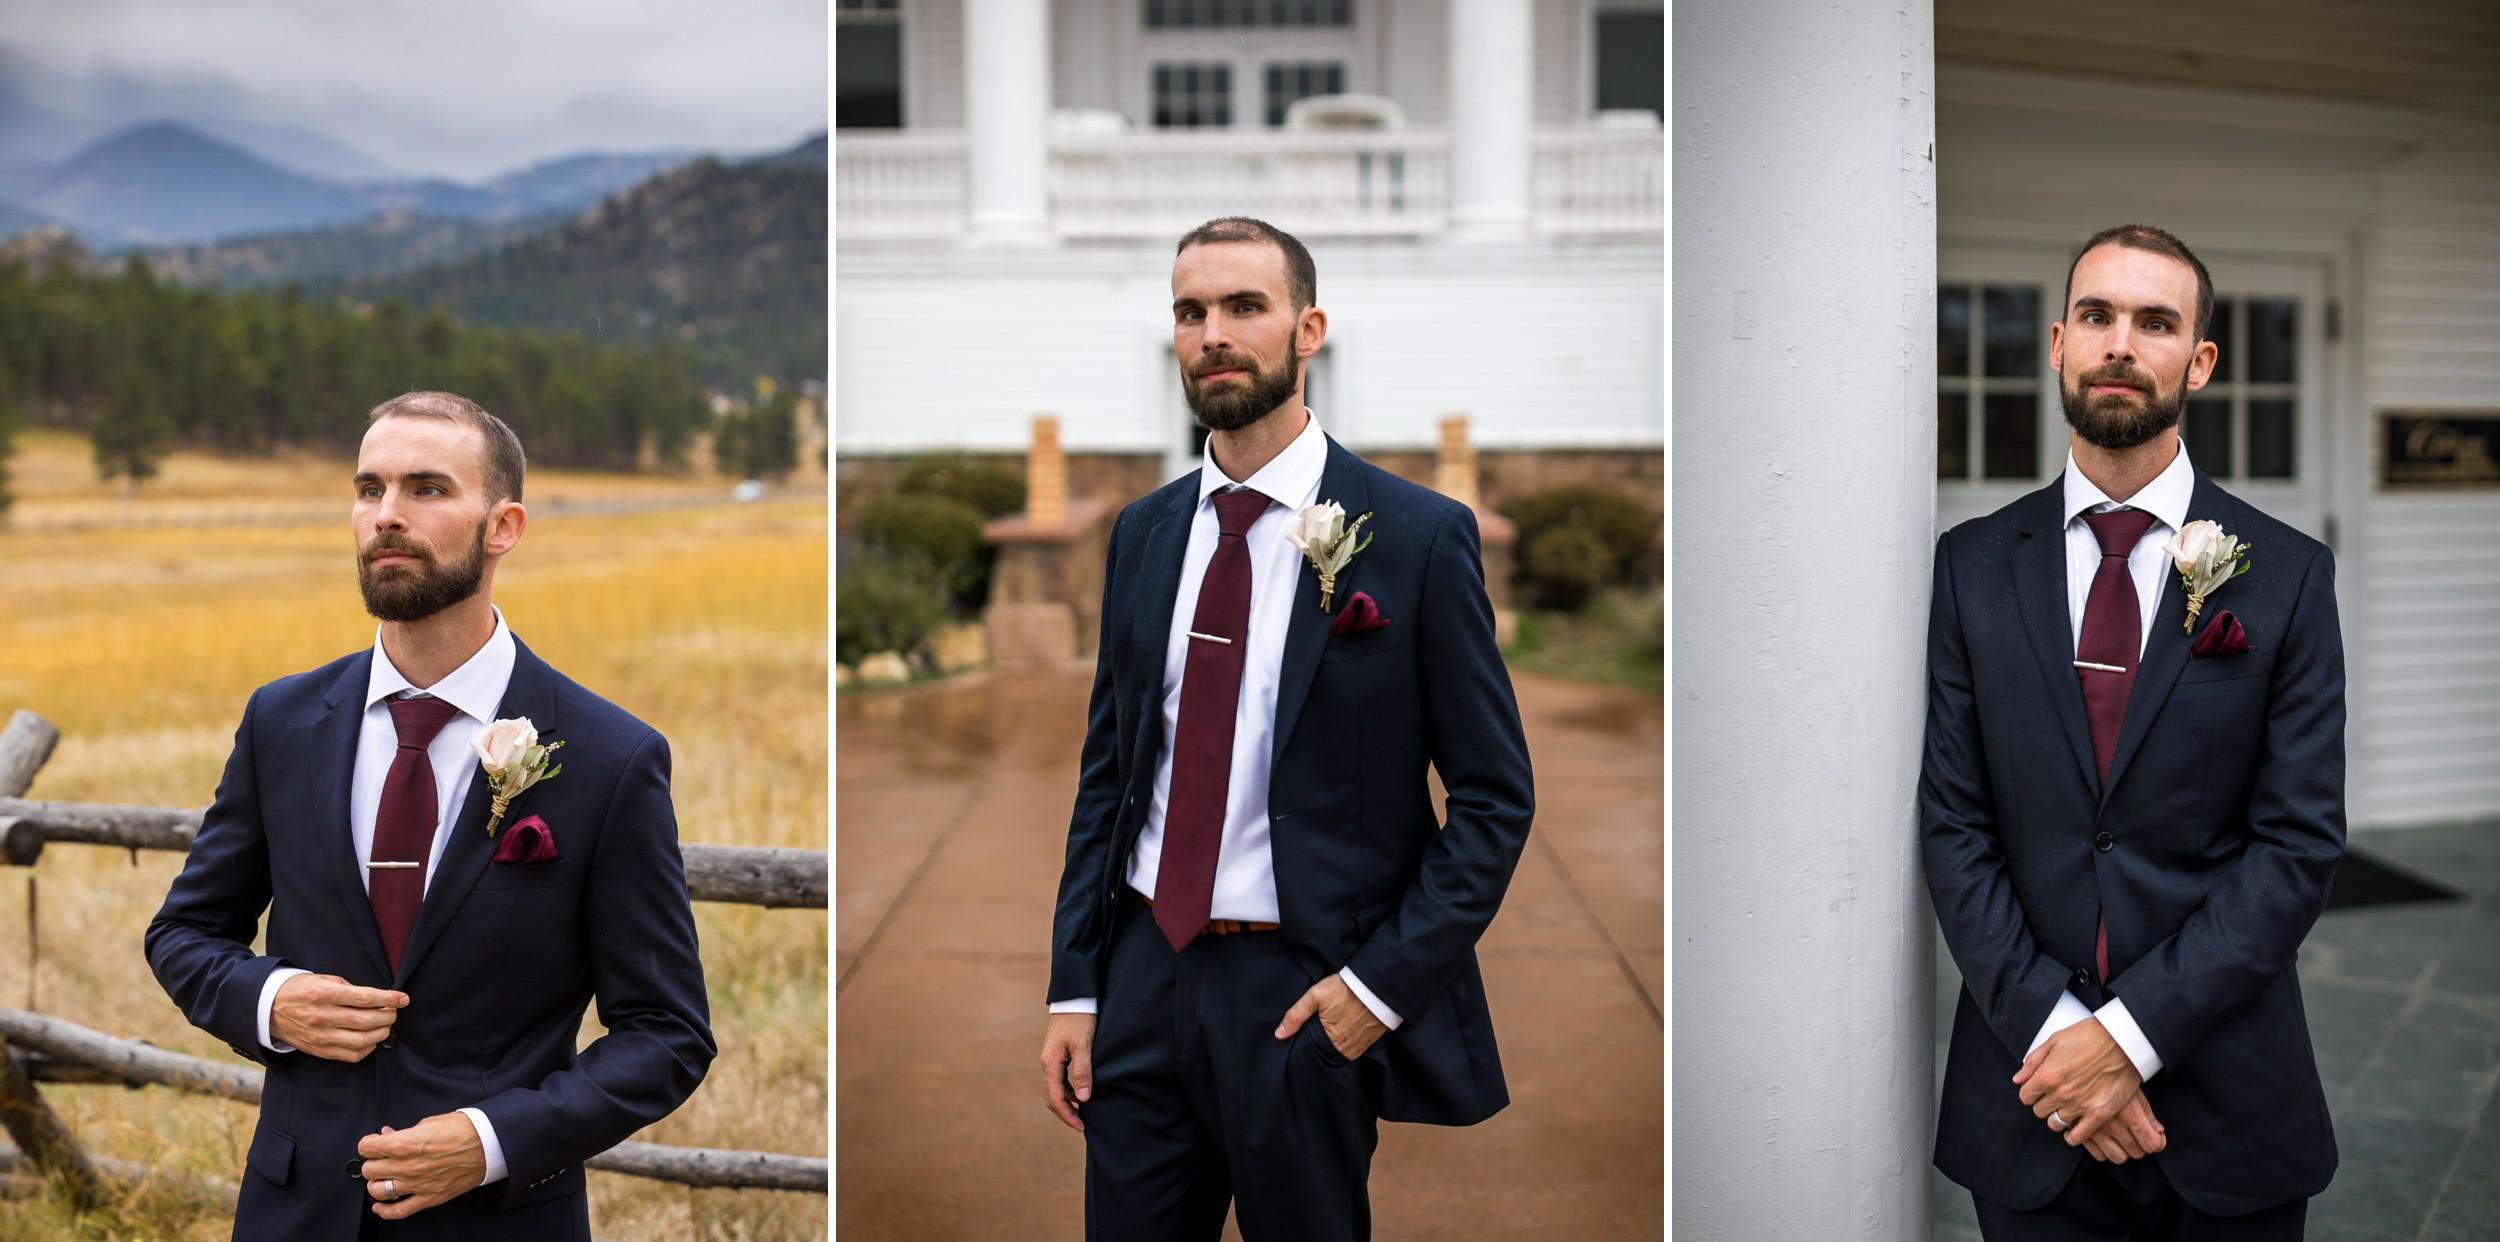 Stanley_Hotel_Estes_Park_Colorado_Wedding_Kristopher_Lindsay_ 14.jpg